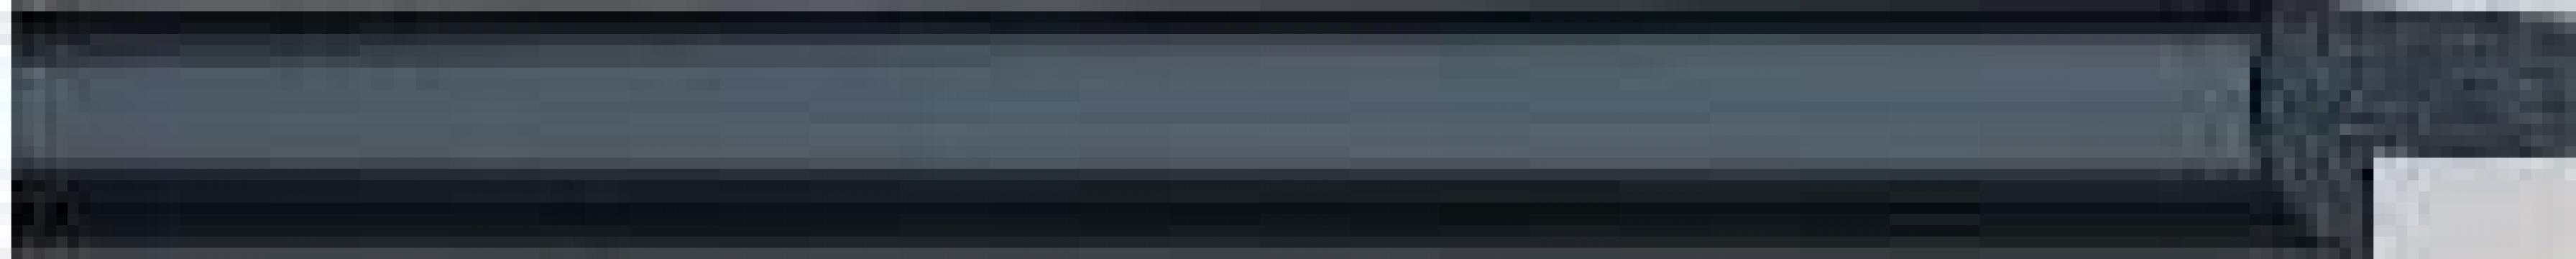 Profil sintetic pentru rame de tablouri